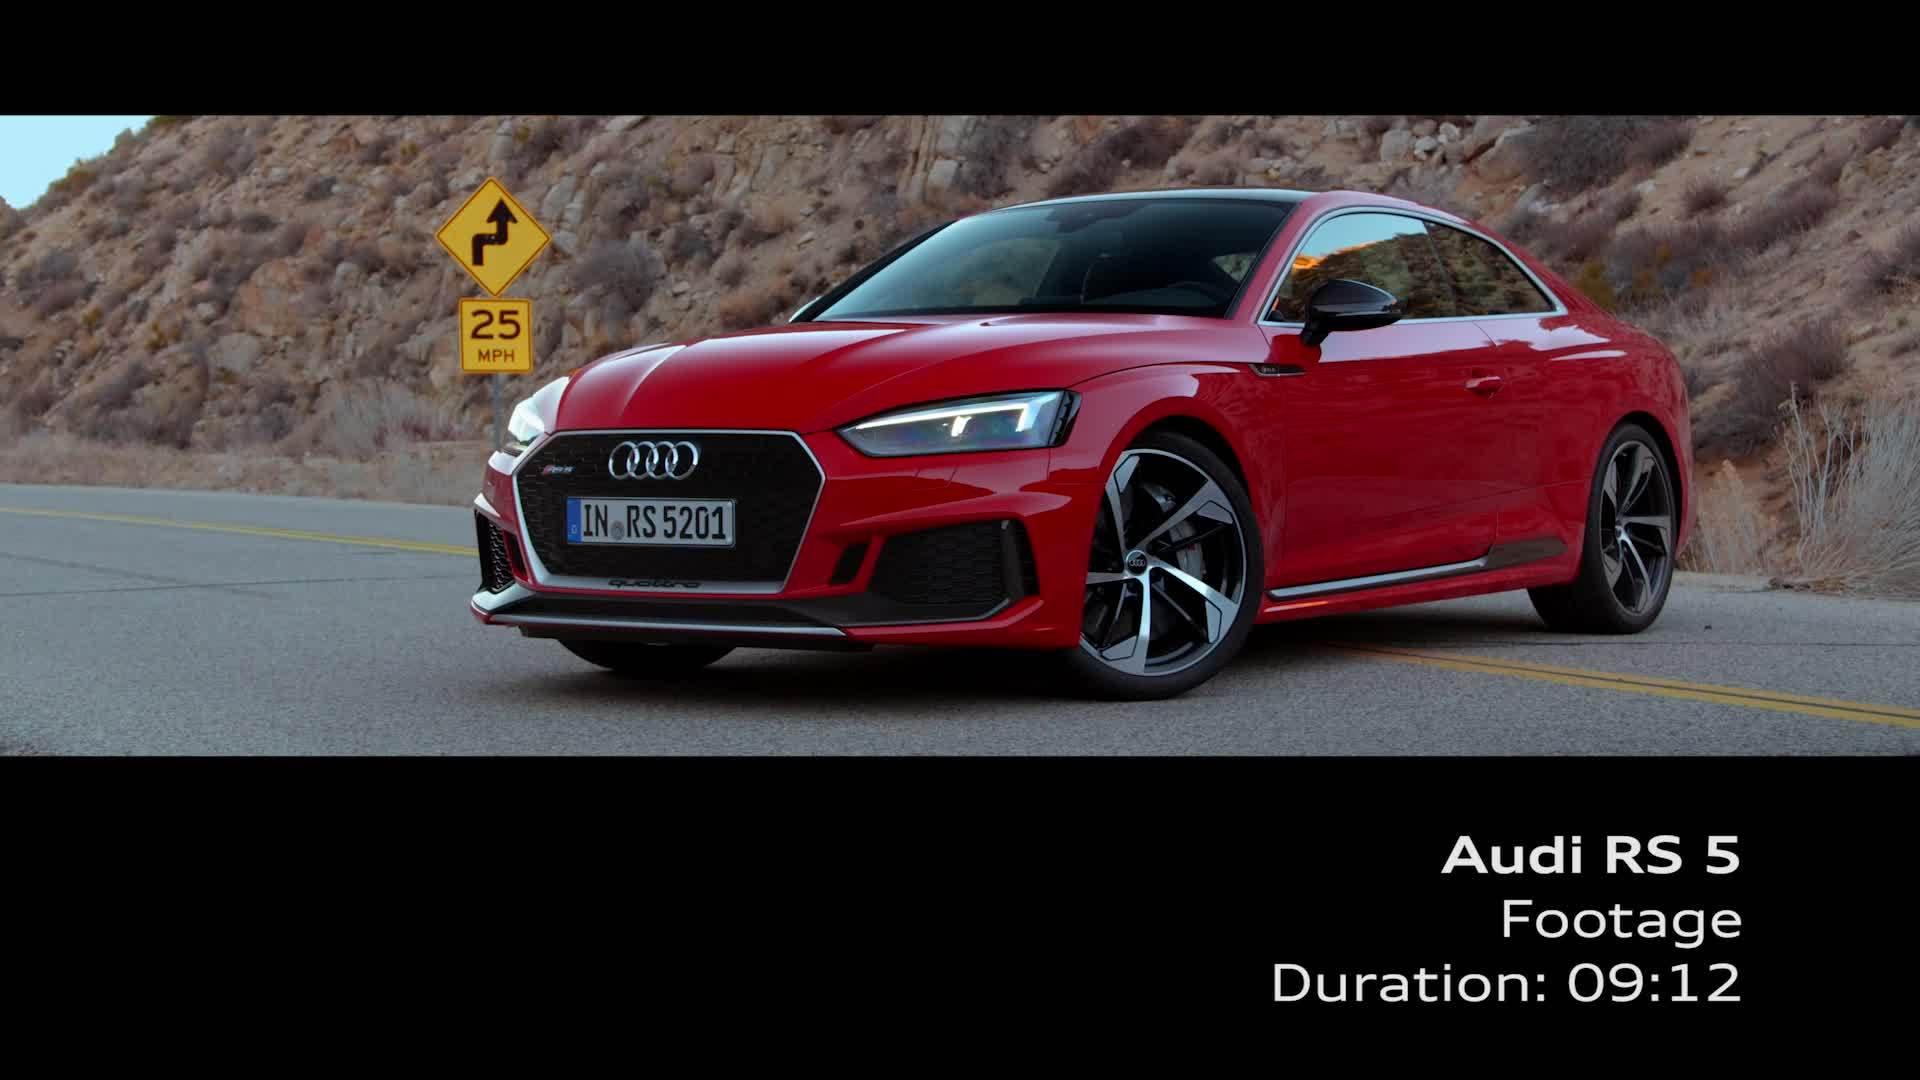 Audi RS 5 Coupé - Footage